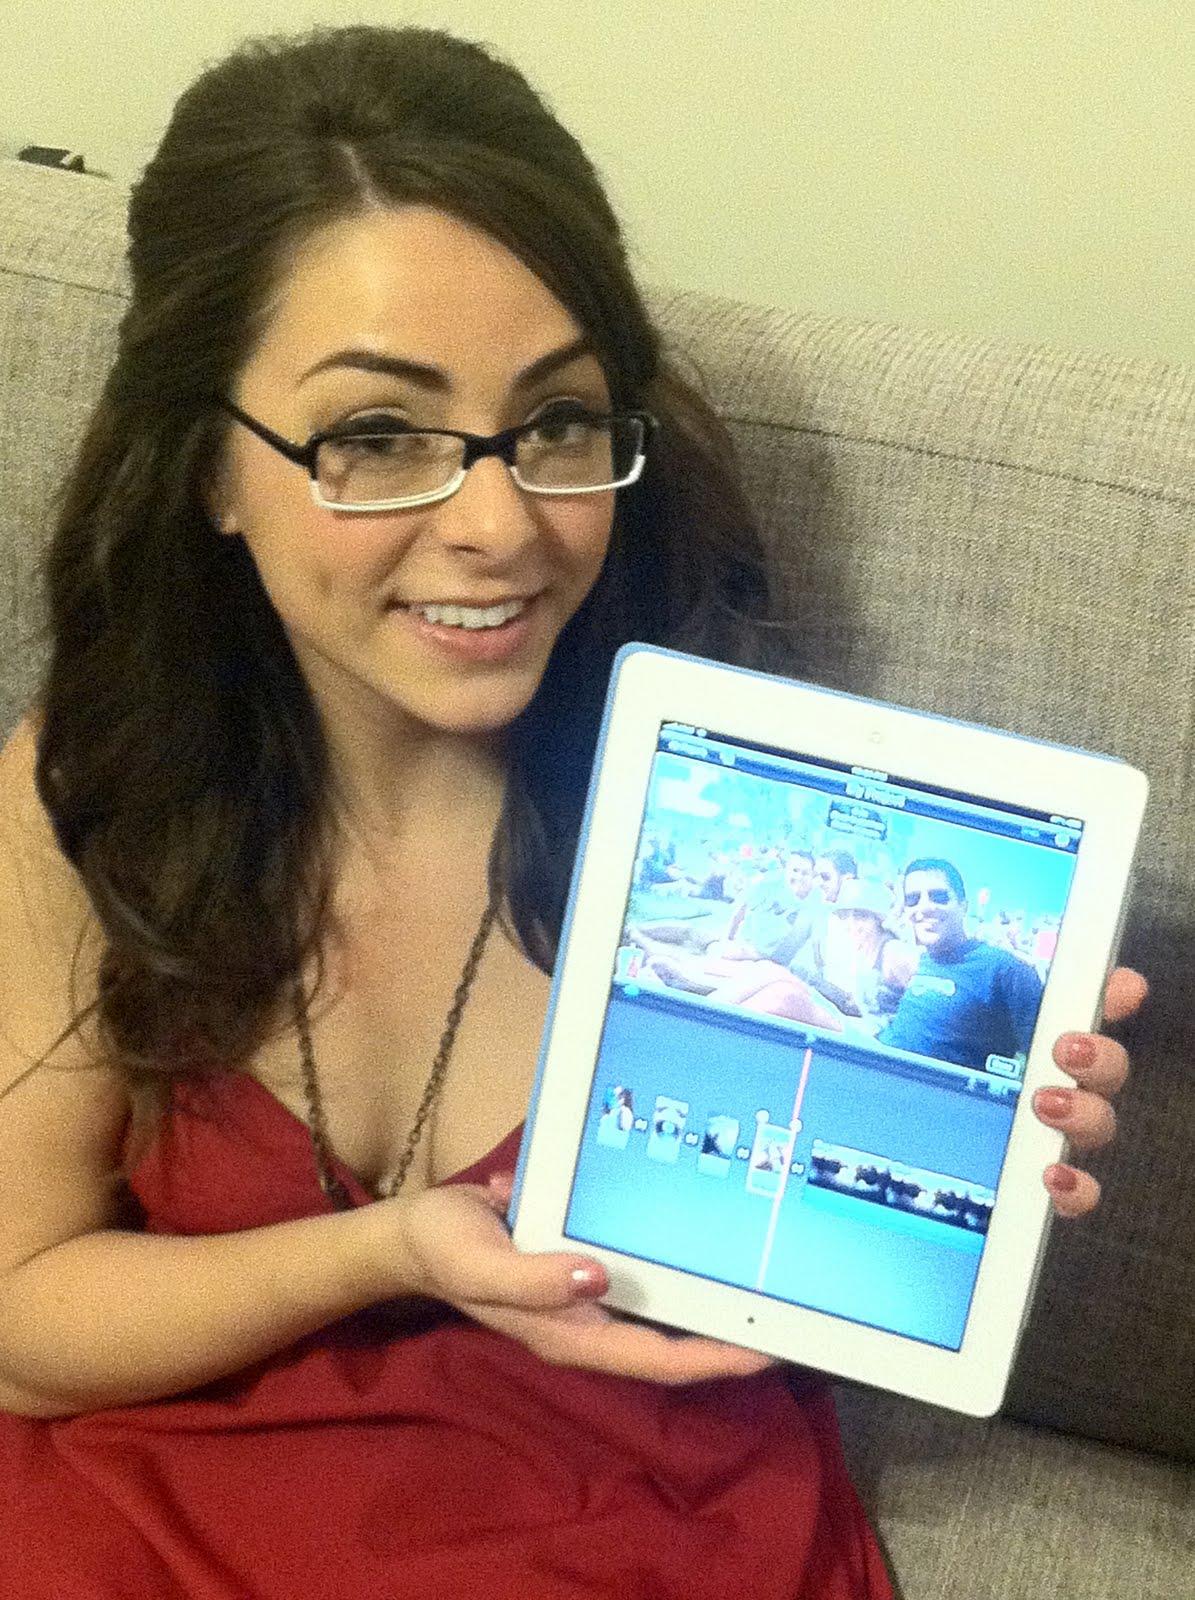 http://1.bp.blogspot.com/-vZ5sICmybuU/TXguG_H3irI/AAAAAAAABEk/1luQK5WHWoo/s1600/Linendoll-iPad.jpg